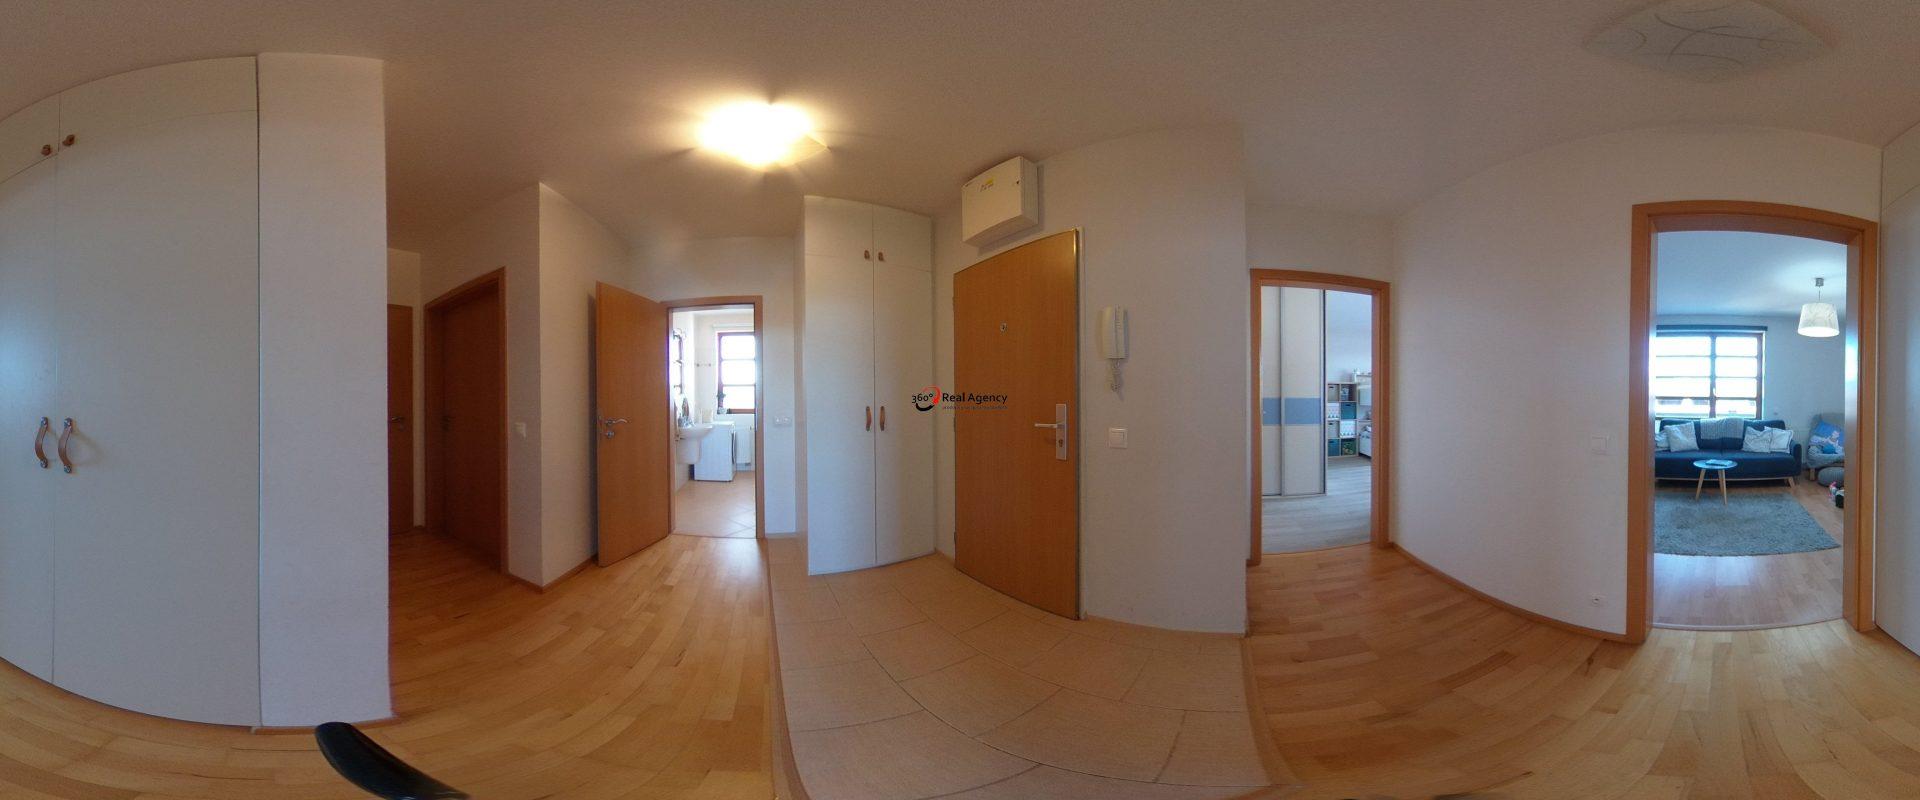 Prodej bytu 3+kk 87 m², + garážové místo, ul. Václava Rady, Praha 5 – Zbraslav.